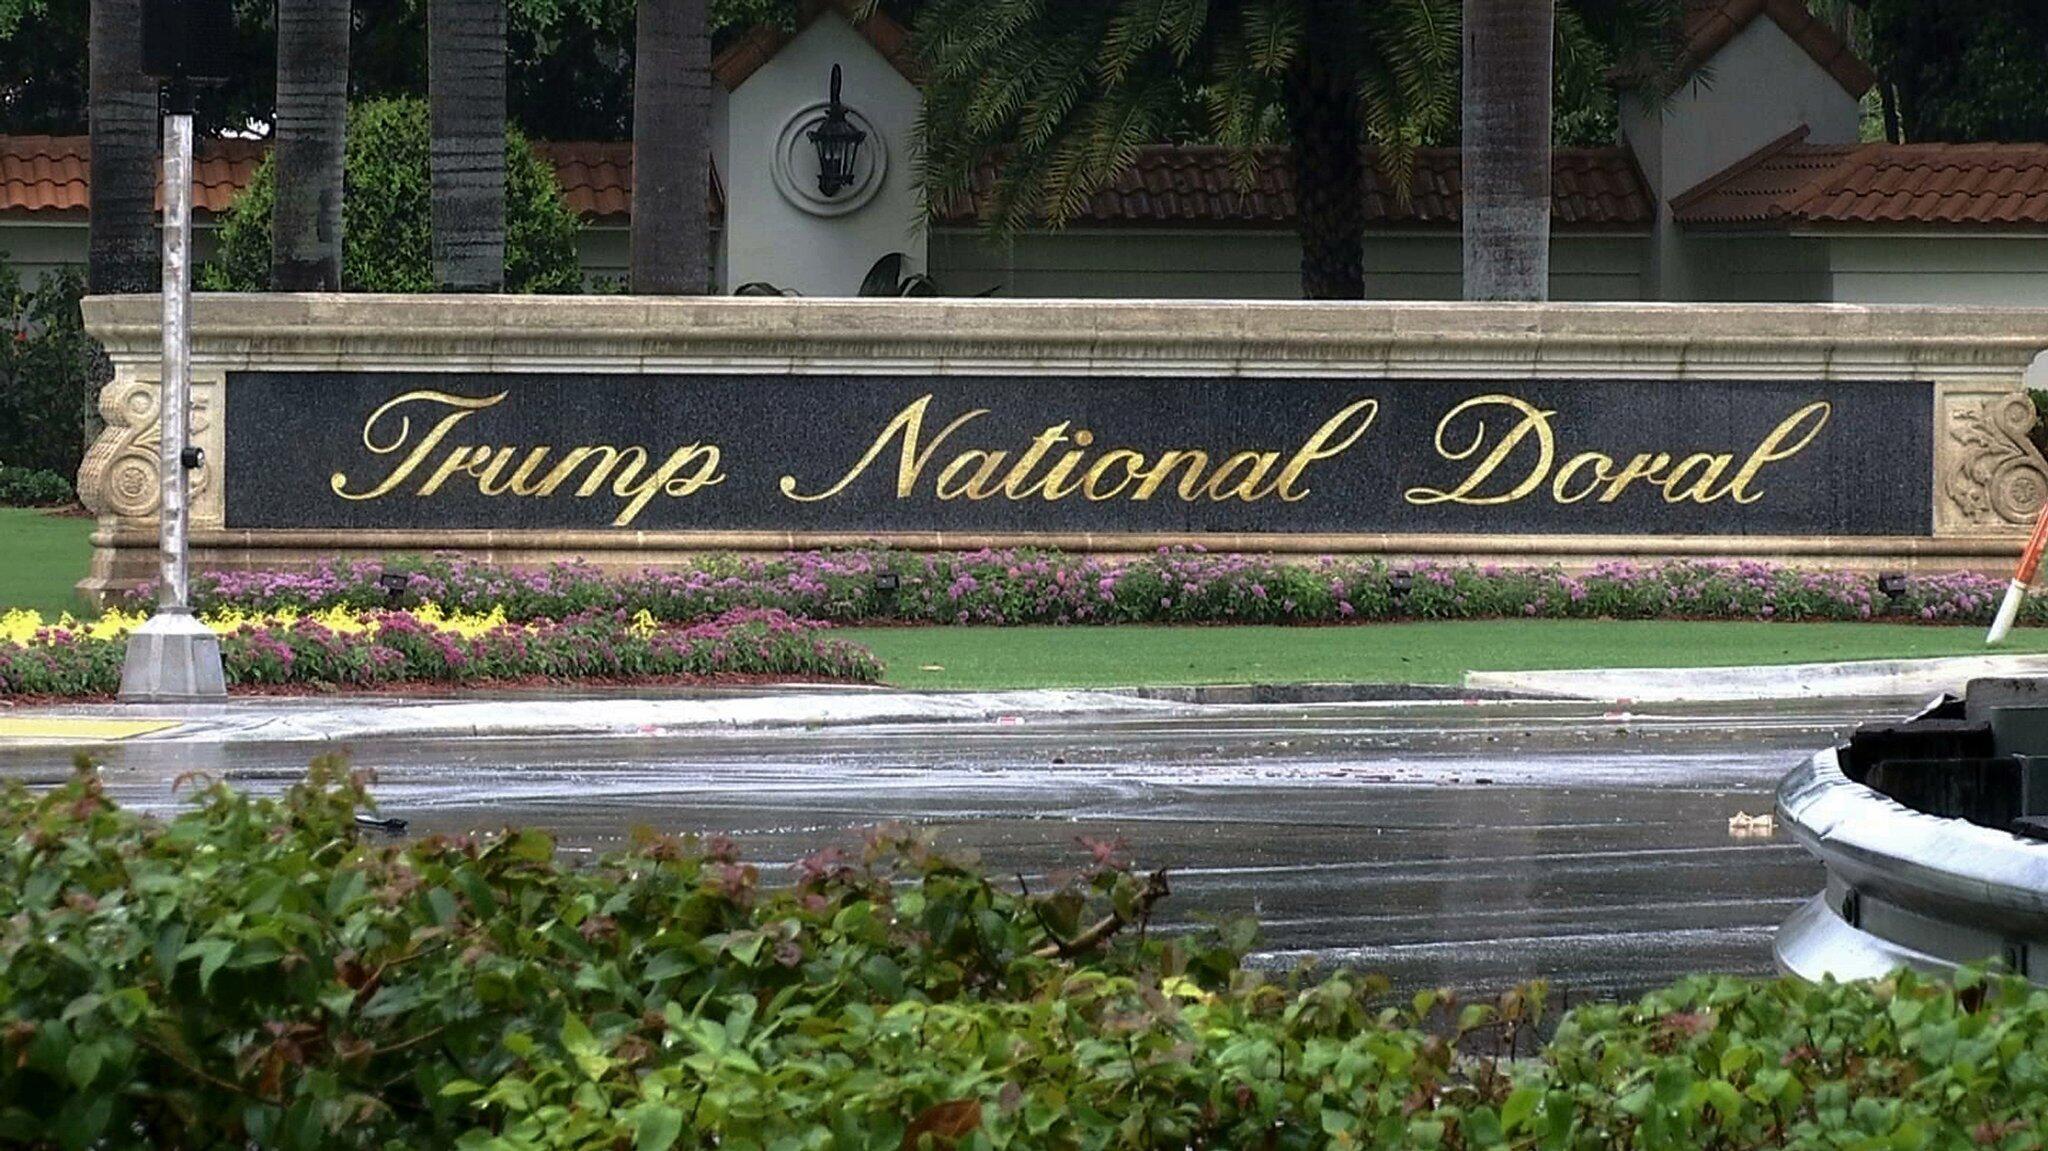 Bild zu USAwollen G7-Gipfel 2020 in Trumps Golfhotel inMiami abhalten